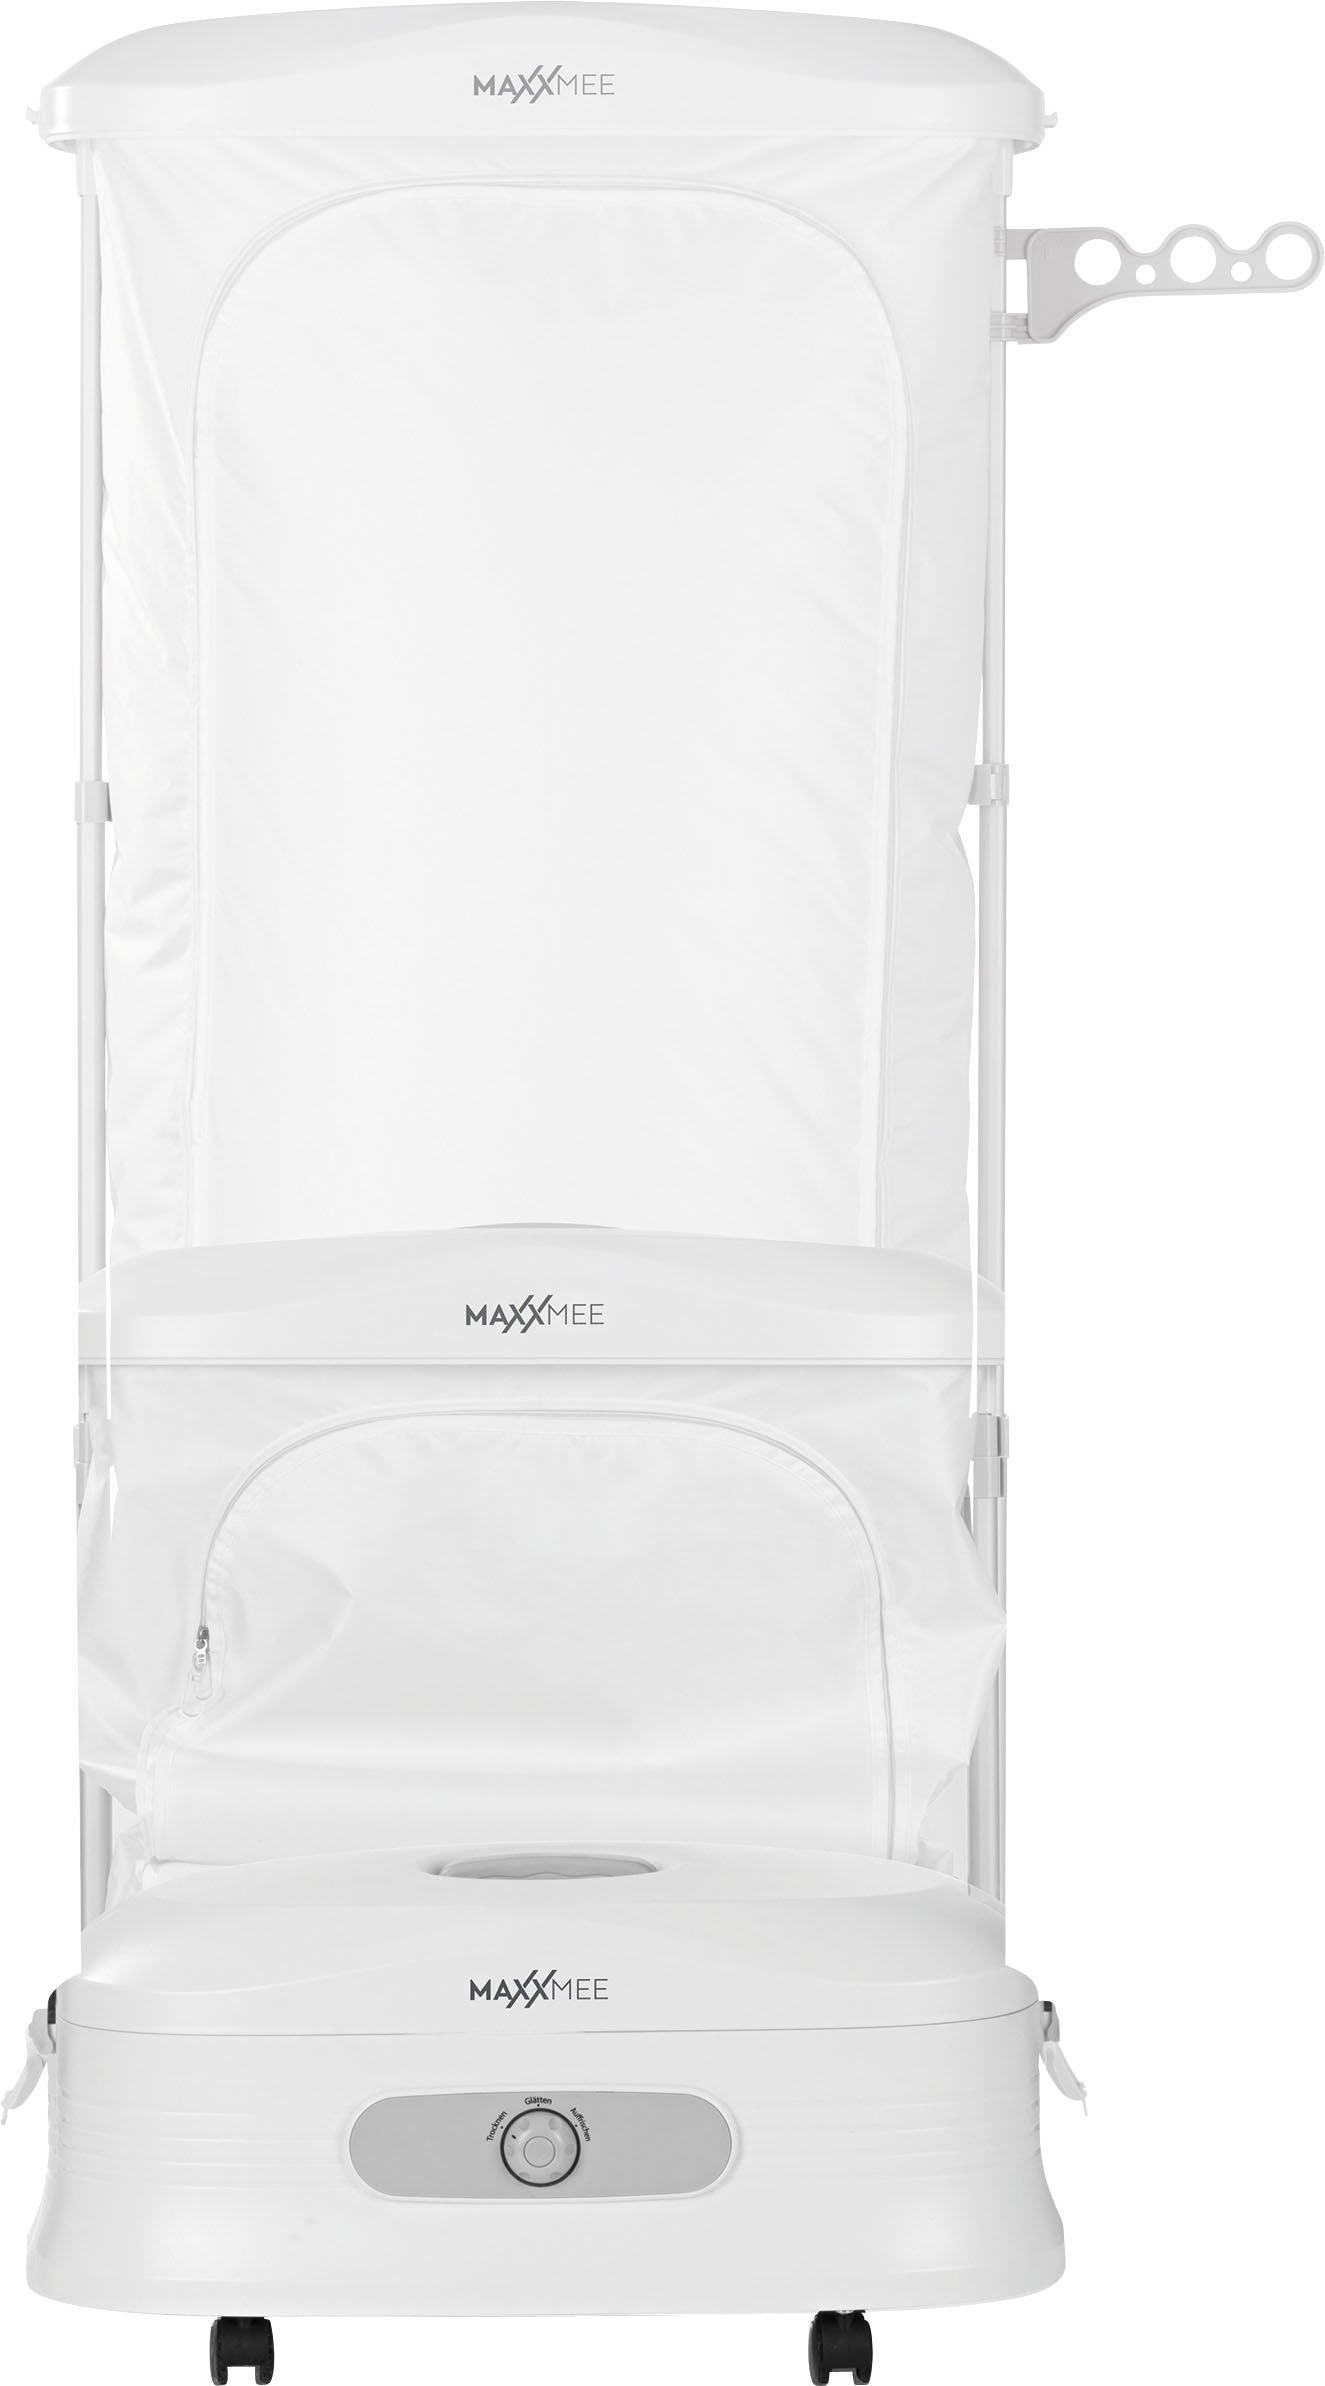 MAXXMEE strijksysteem Wasgoedbehandeling-center 3-in-1 voor het drogen, glad maken & opfrissen, wit nu online bestellen